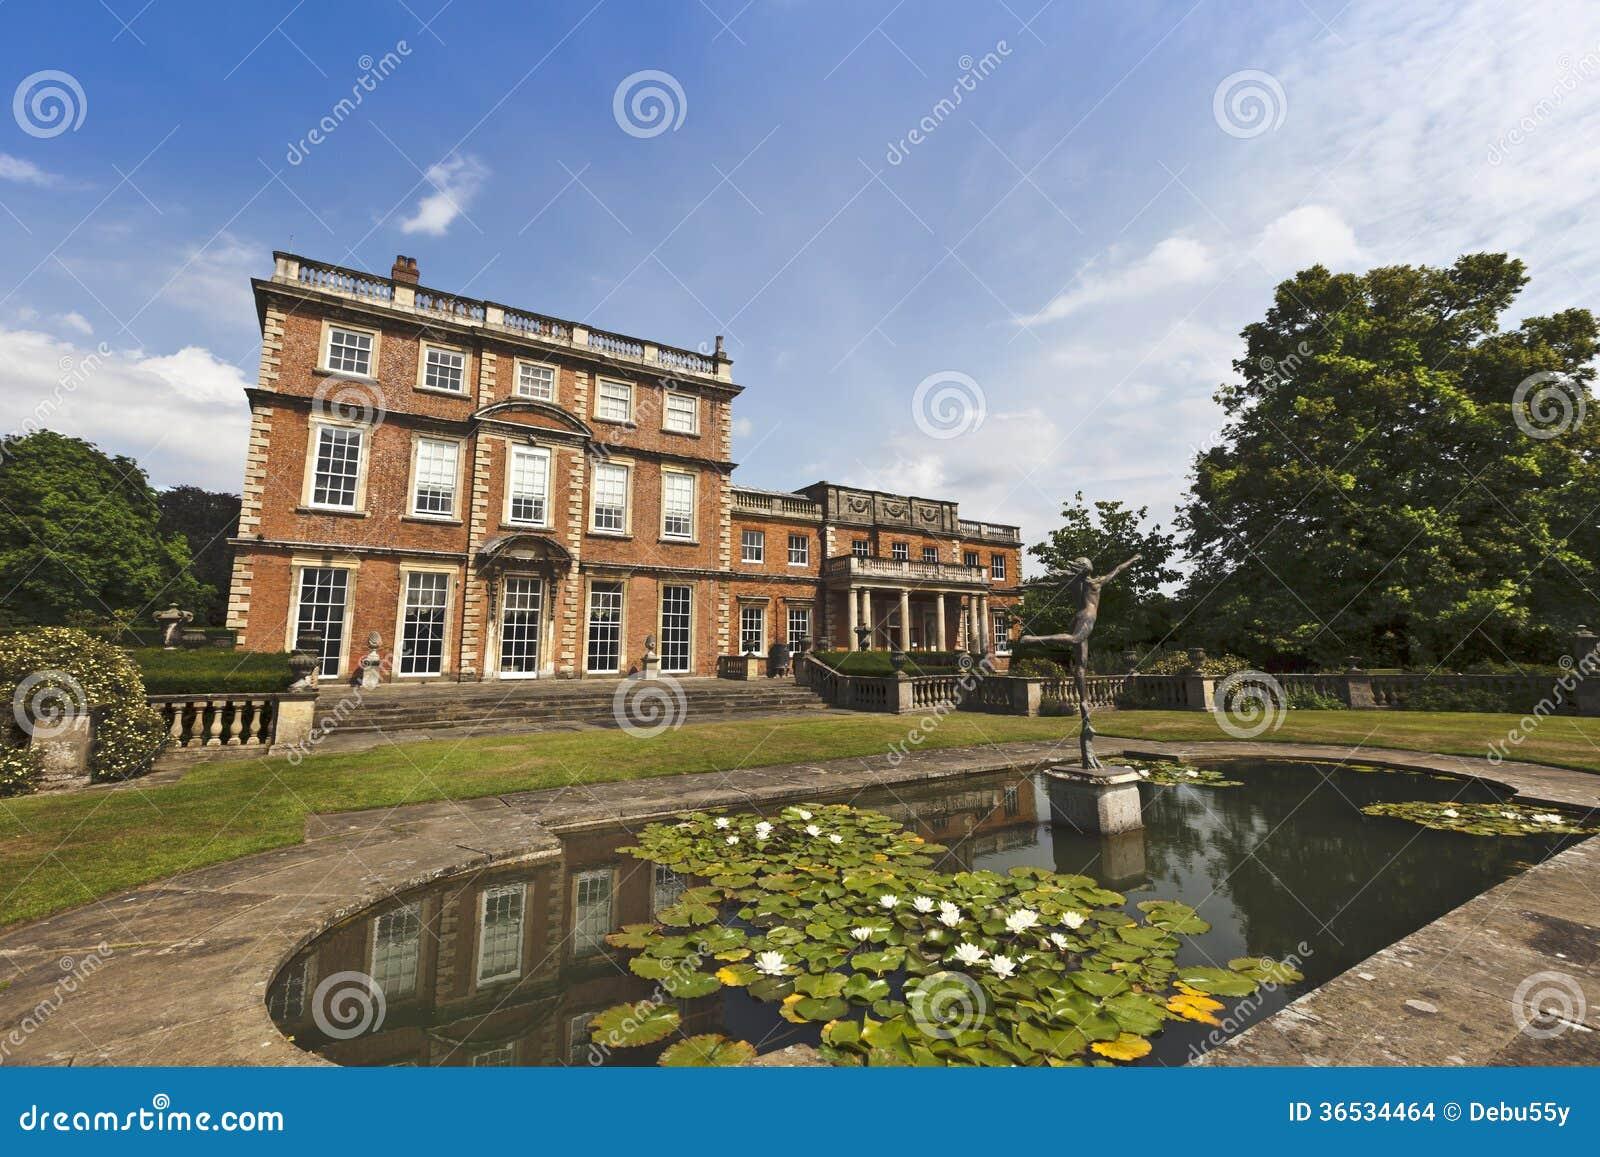 Hogar y jardines majestuosos ingleses imagenes de archivo for Hogar y jardin